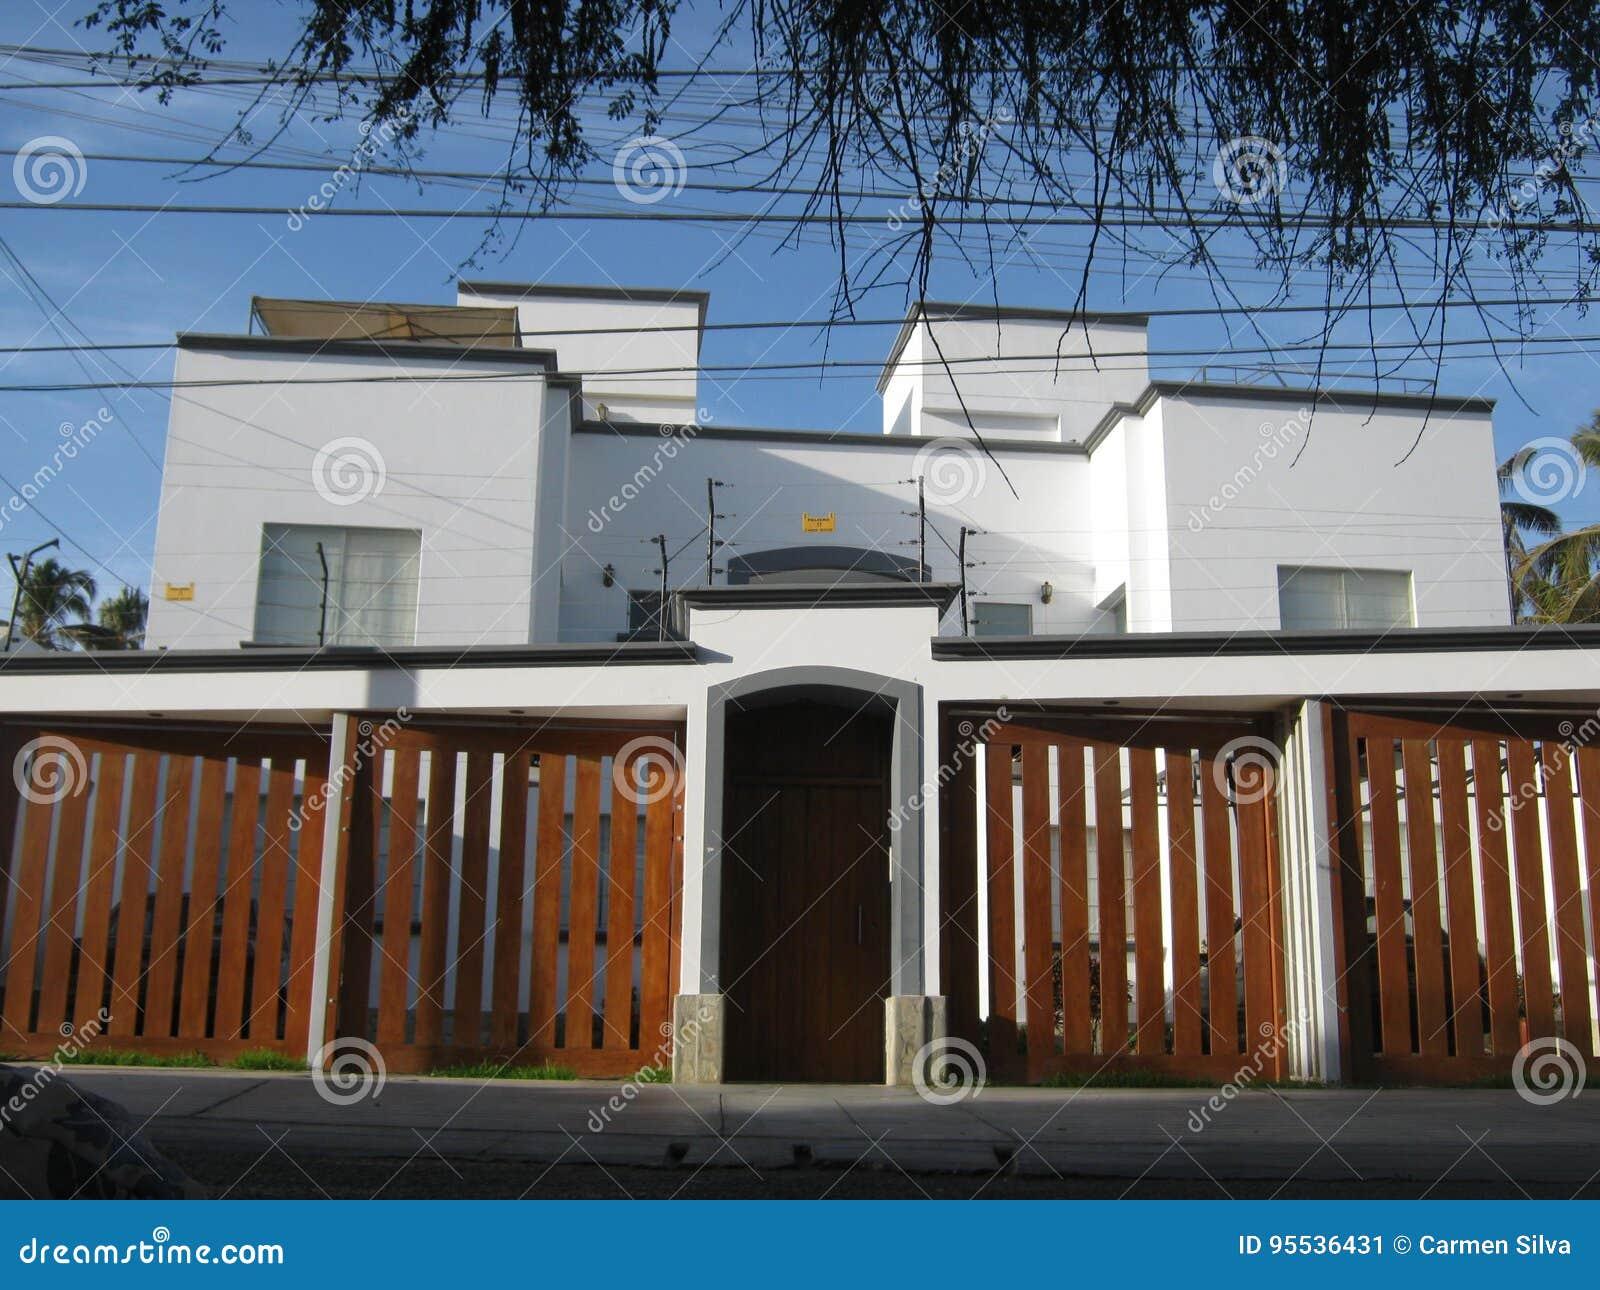 Exceptionnel Belle Maison Moderne Avec Deux Garages Et Une Entrée Principale Construit  Avec La Maçonnerie Et Situé Dans Une Zone Résidentielle